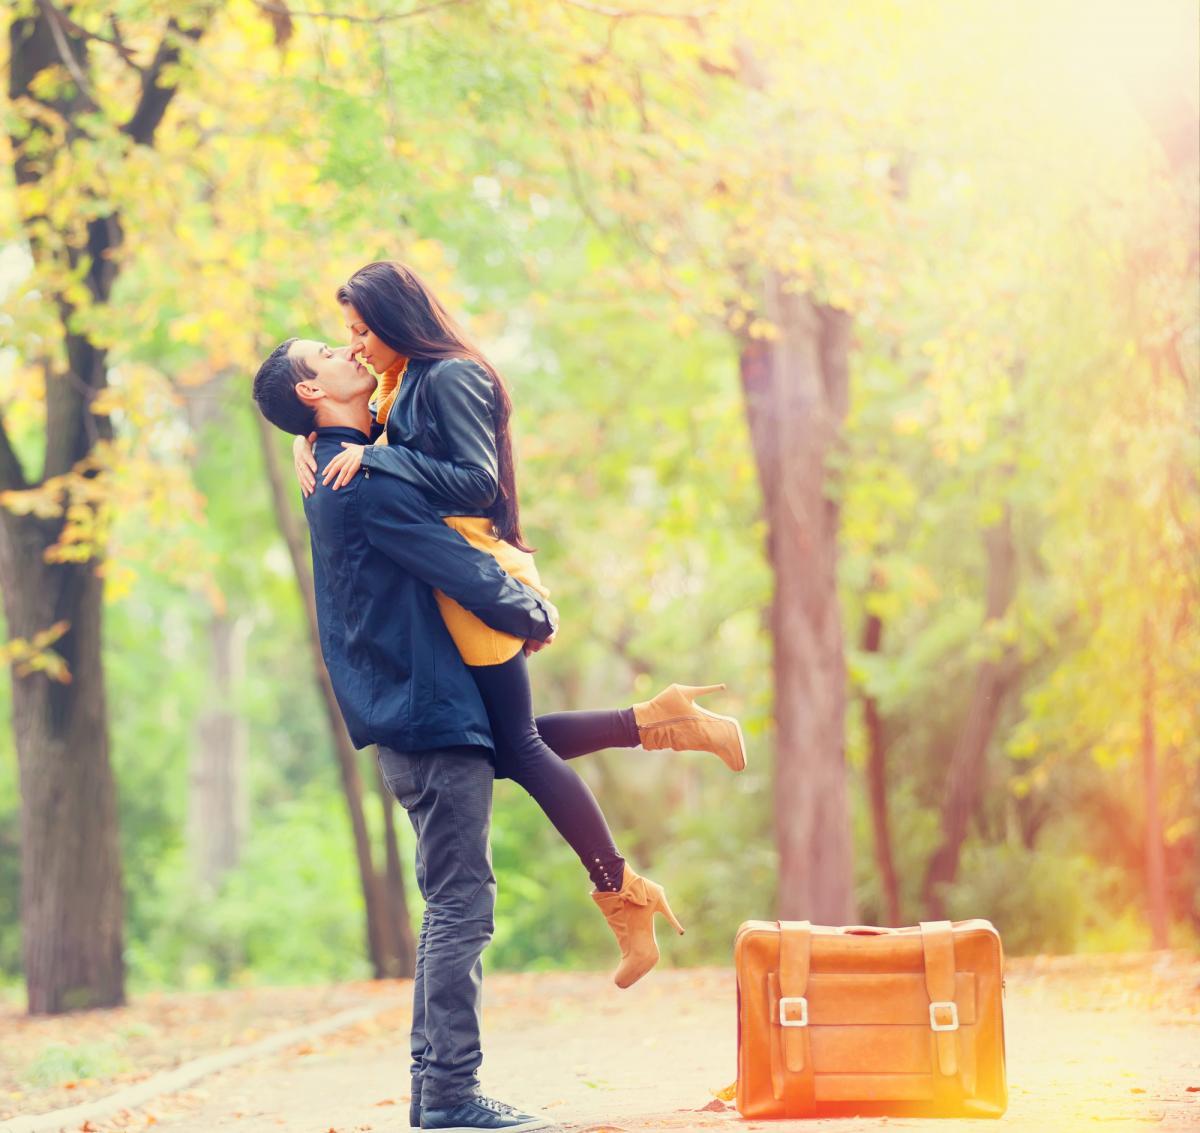 10 признаков того, что вас любят / фото: ua.depositphotos.com